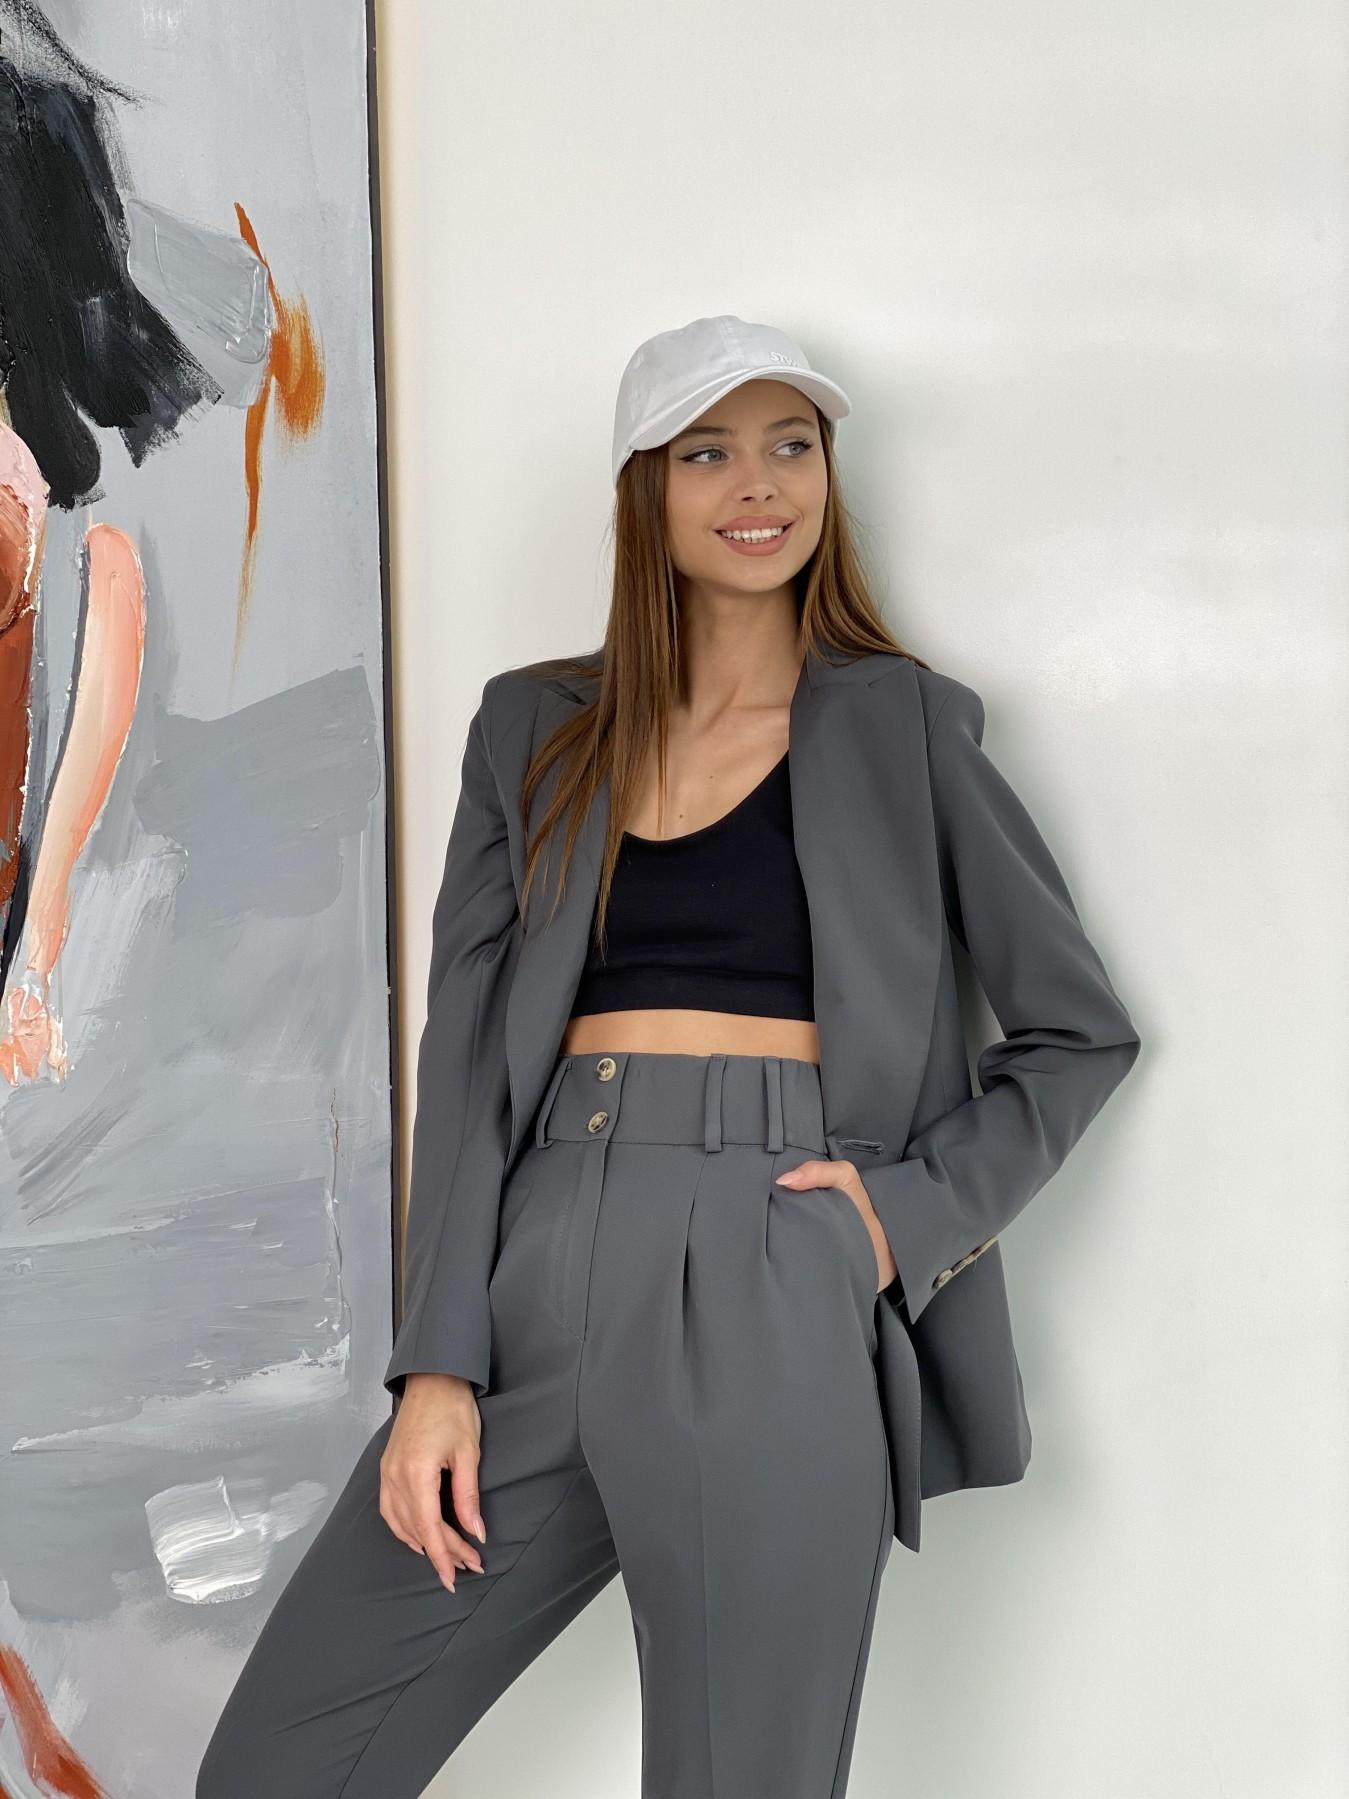 Франко костюм из костюмной ткани 11090 АРТ. 47975 Цвет: Графит - фото 8, интернет магазин tm-modus.ru